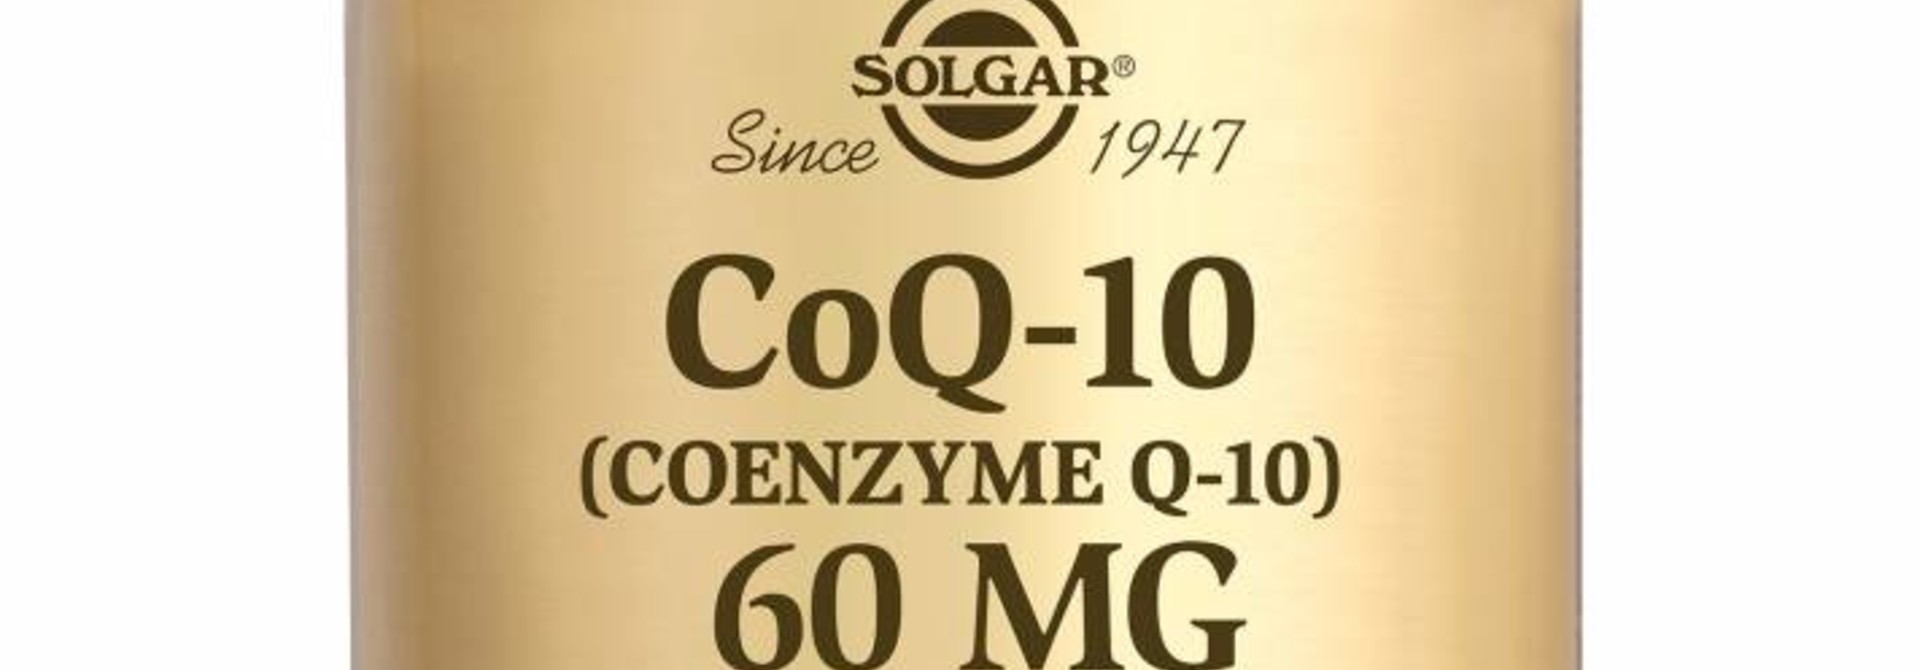 Co-Enzyme Q-10 60 mg 60 plantaardige capsules